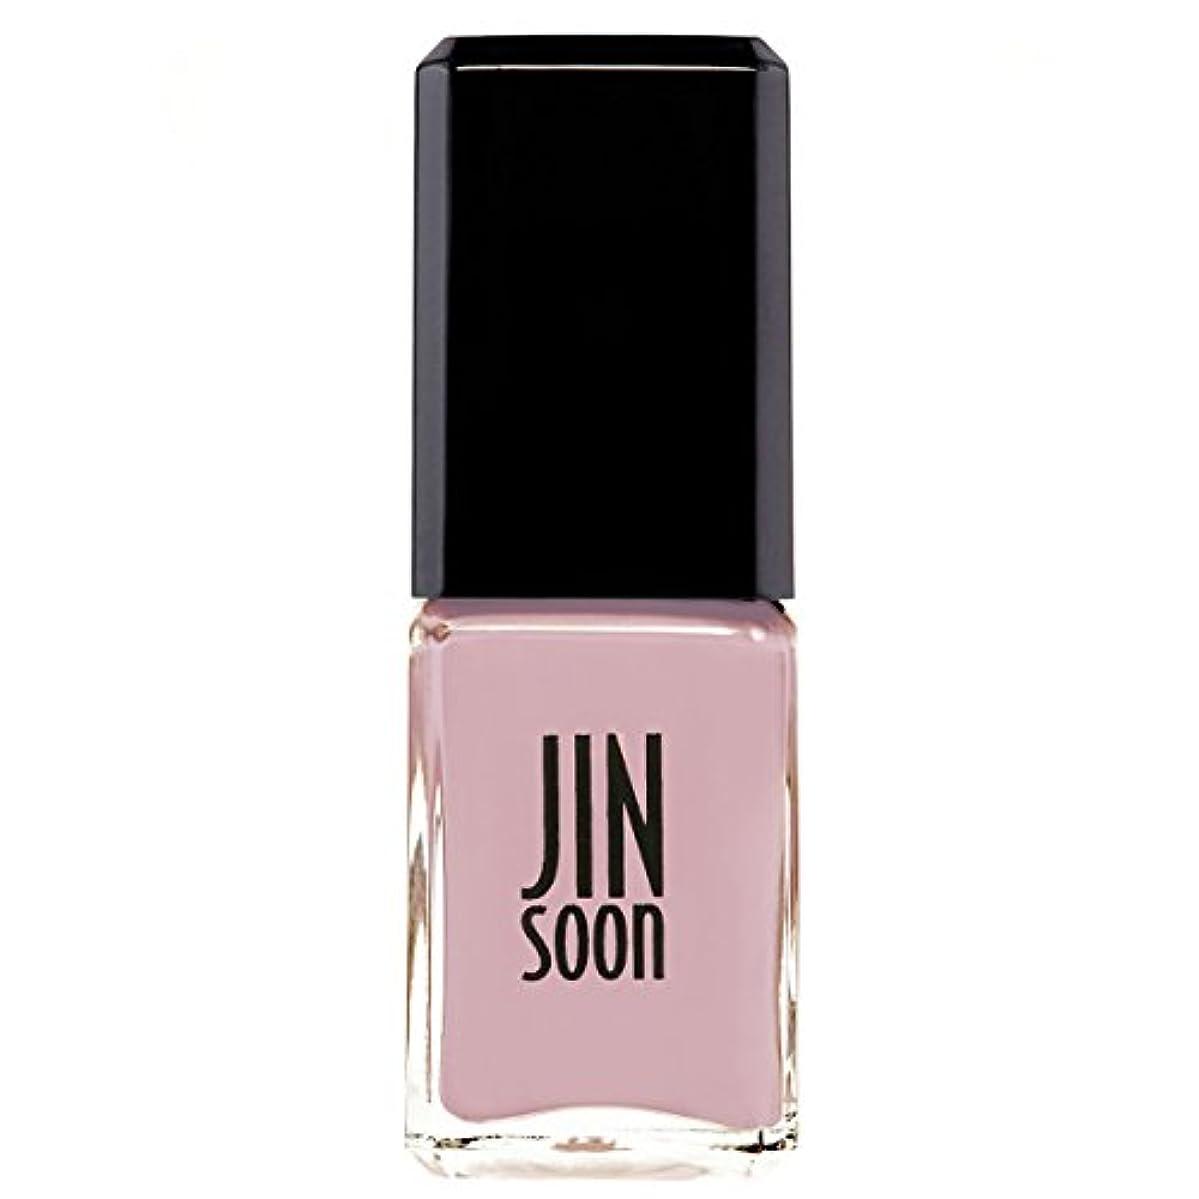 作物習字それに応じて[ジンスーン] [ jinsoon] モクシ―(ピンク) MOXIE ジンスーン 5フリー ネイルポリッシュ ピンク 11mL